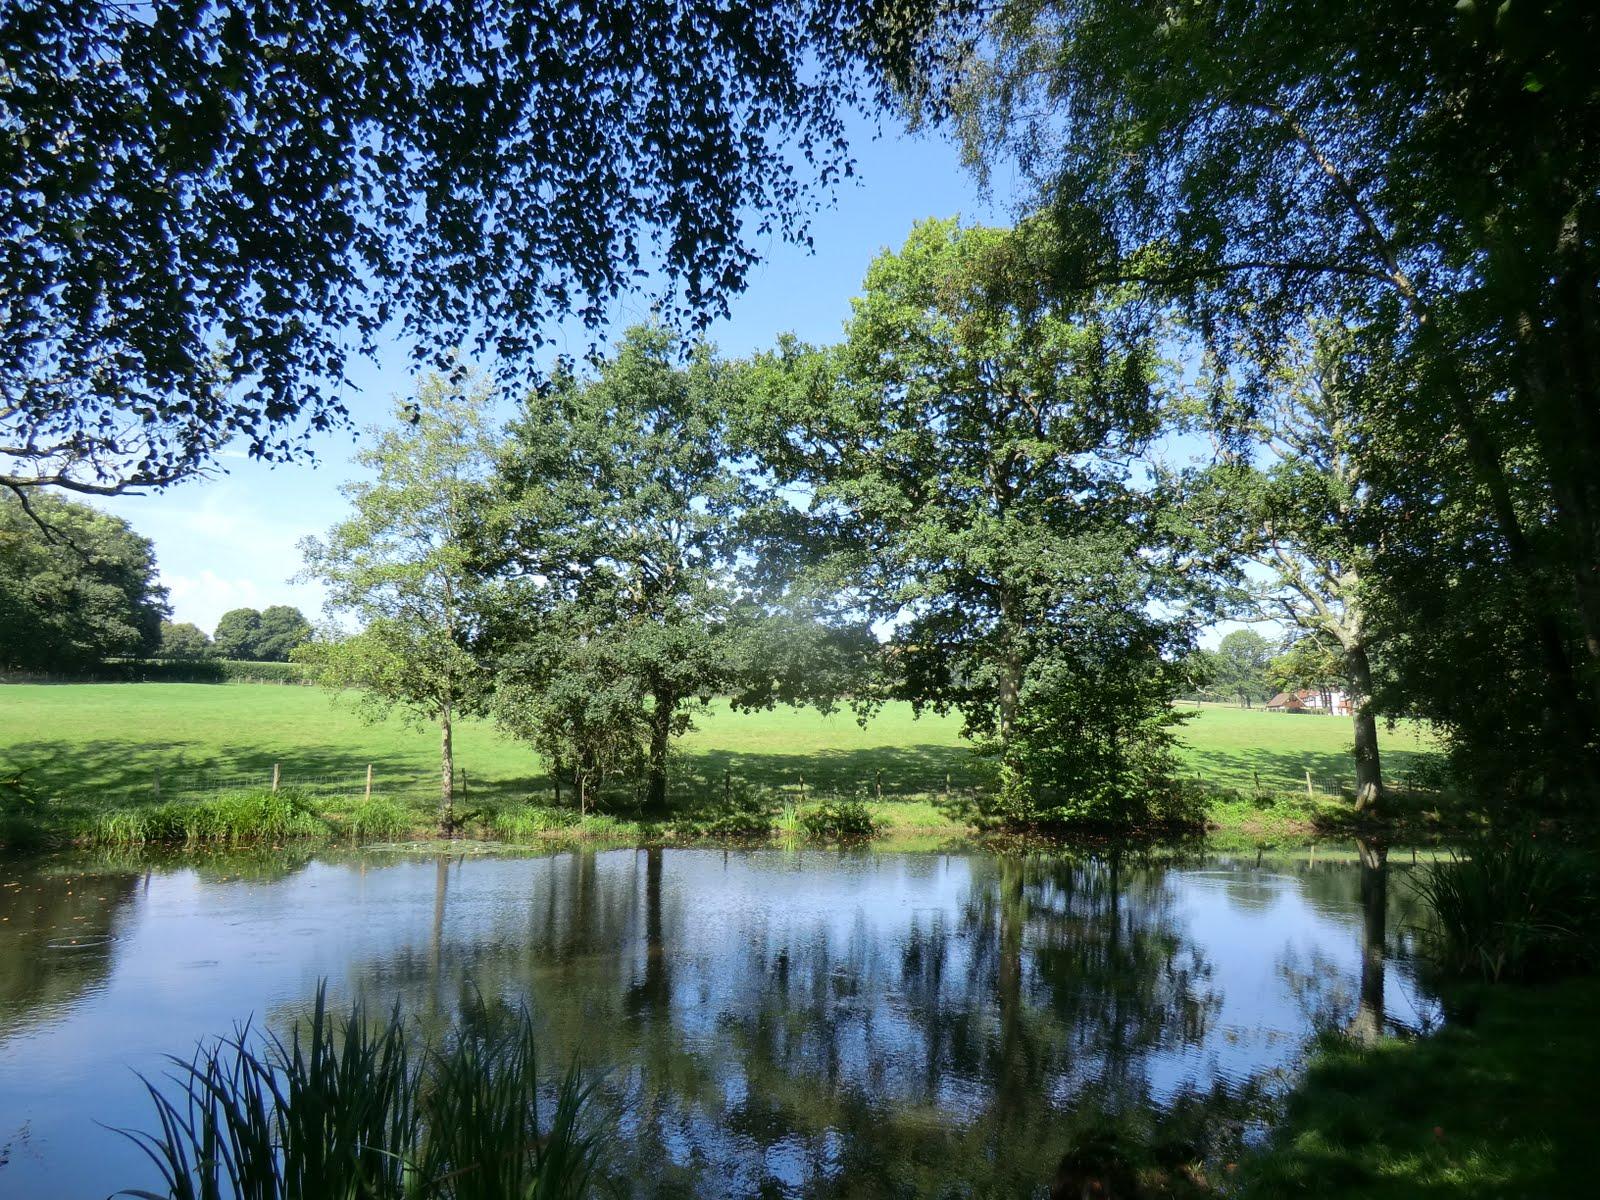 CIMG6487 Fishing Pond near Broadhurst Manor